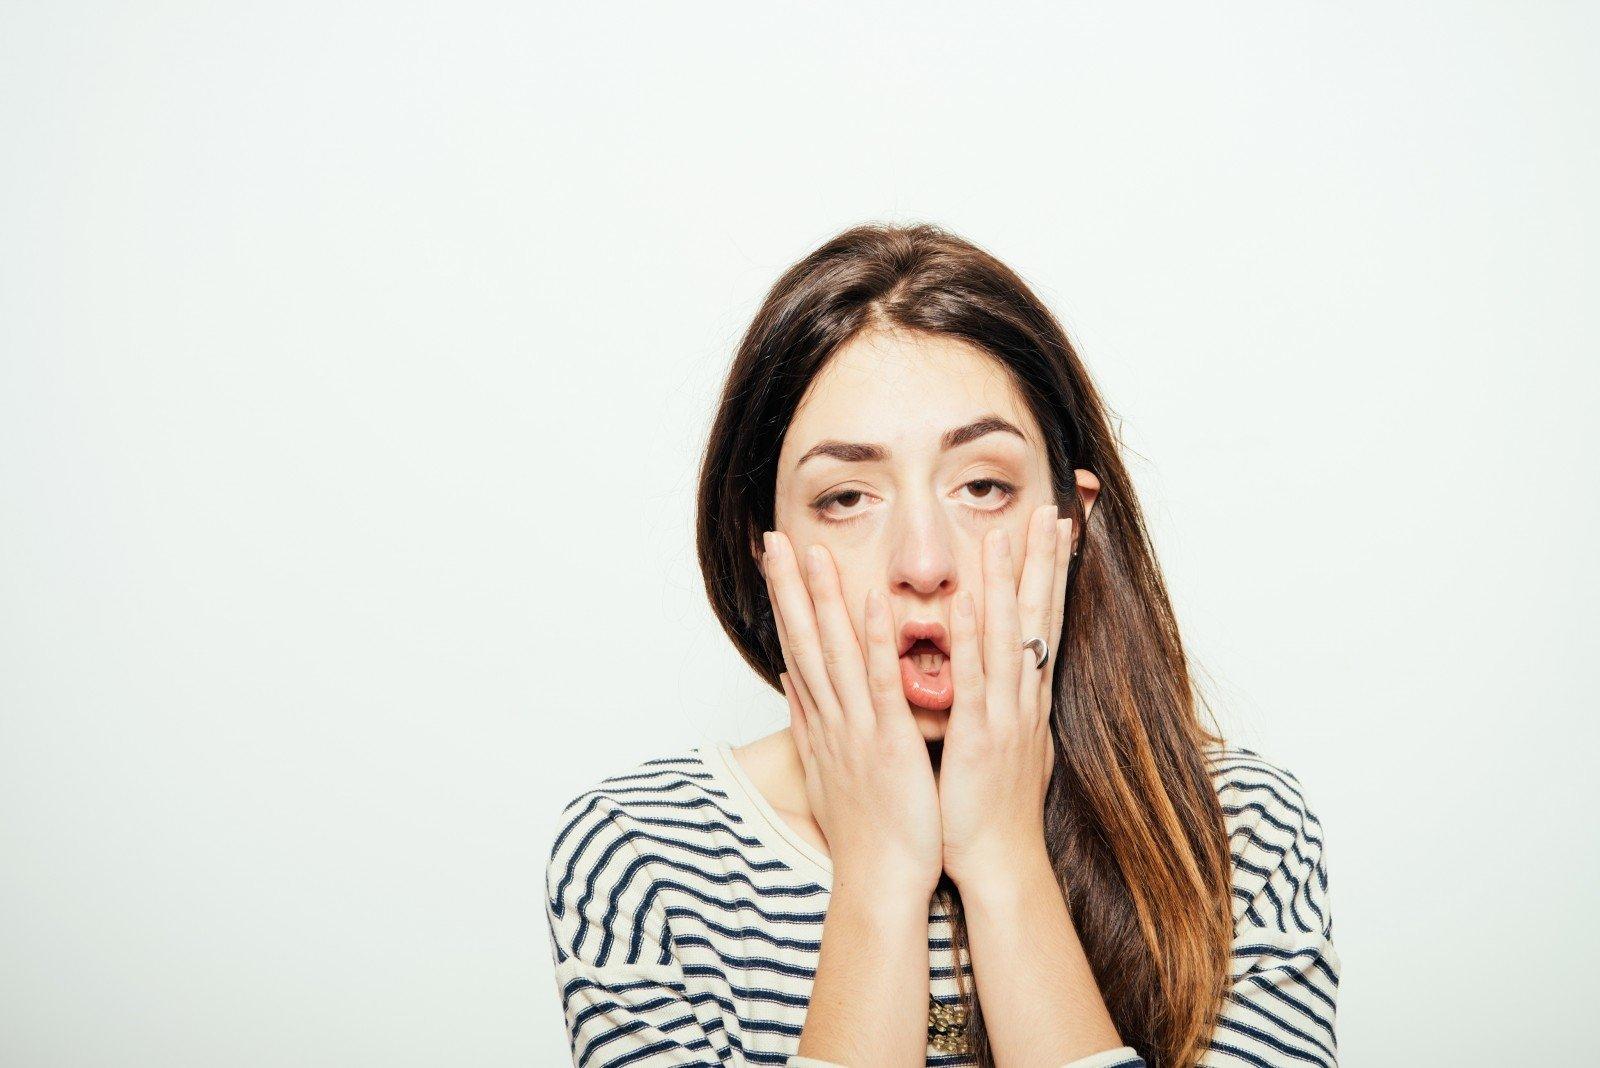 Jaučiatės nuolat pavargę? Verta rimtai susirūpinti